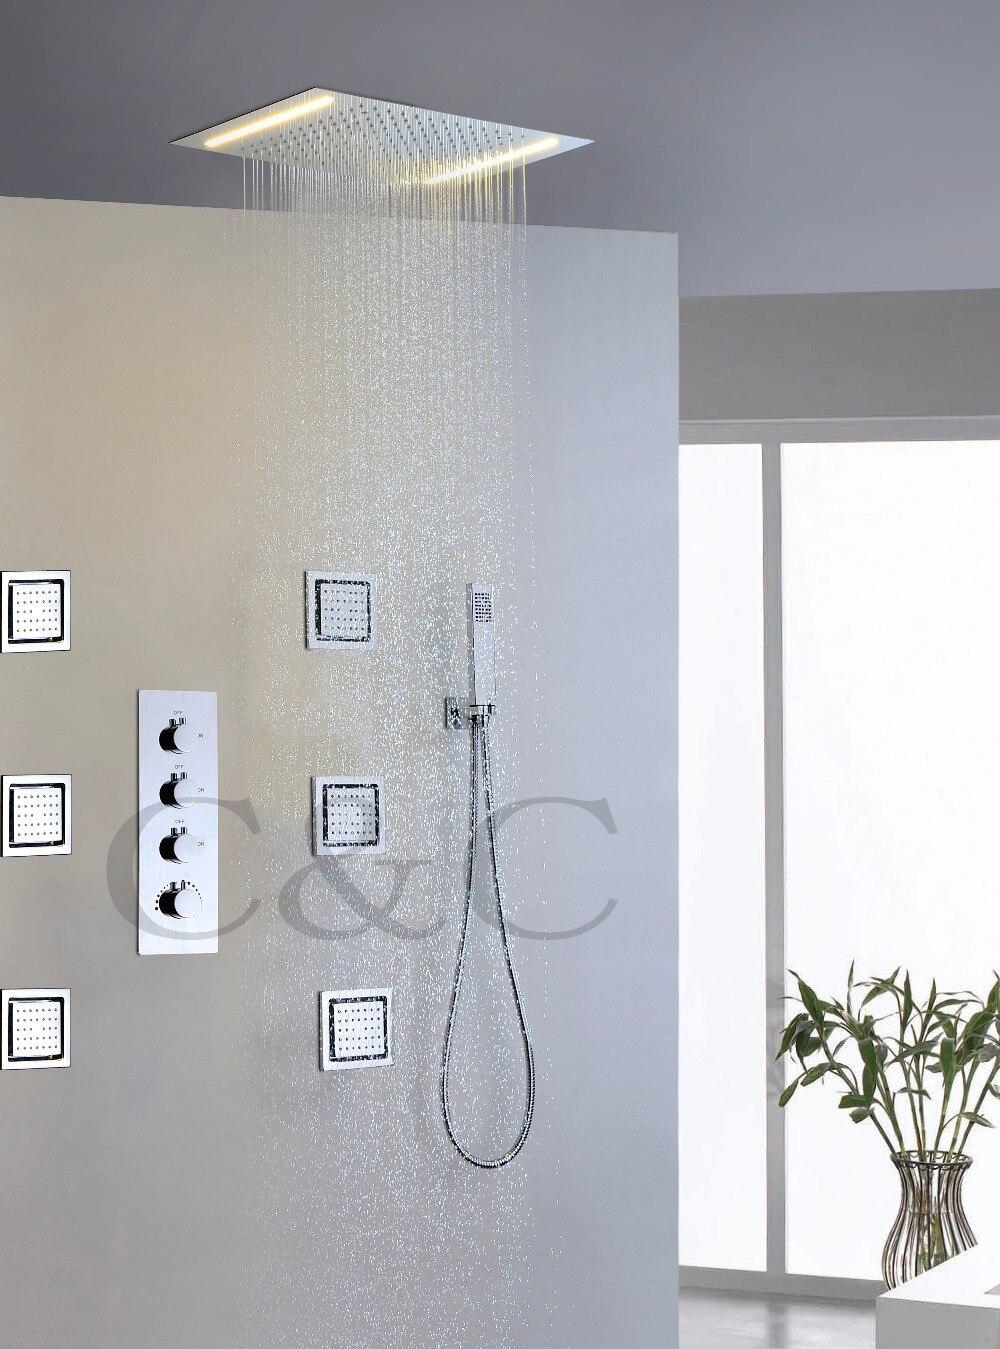 Набор душевых смесителей для дождевой ванны с переменным током, двухрядные желтые лампы, Светодиодная насадка для душа 008 50X36E 6MF